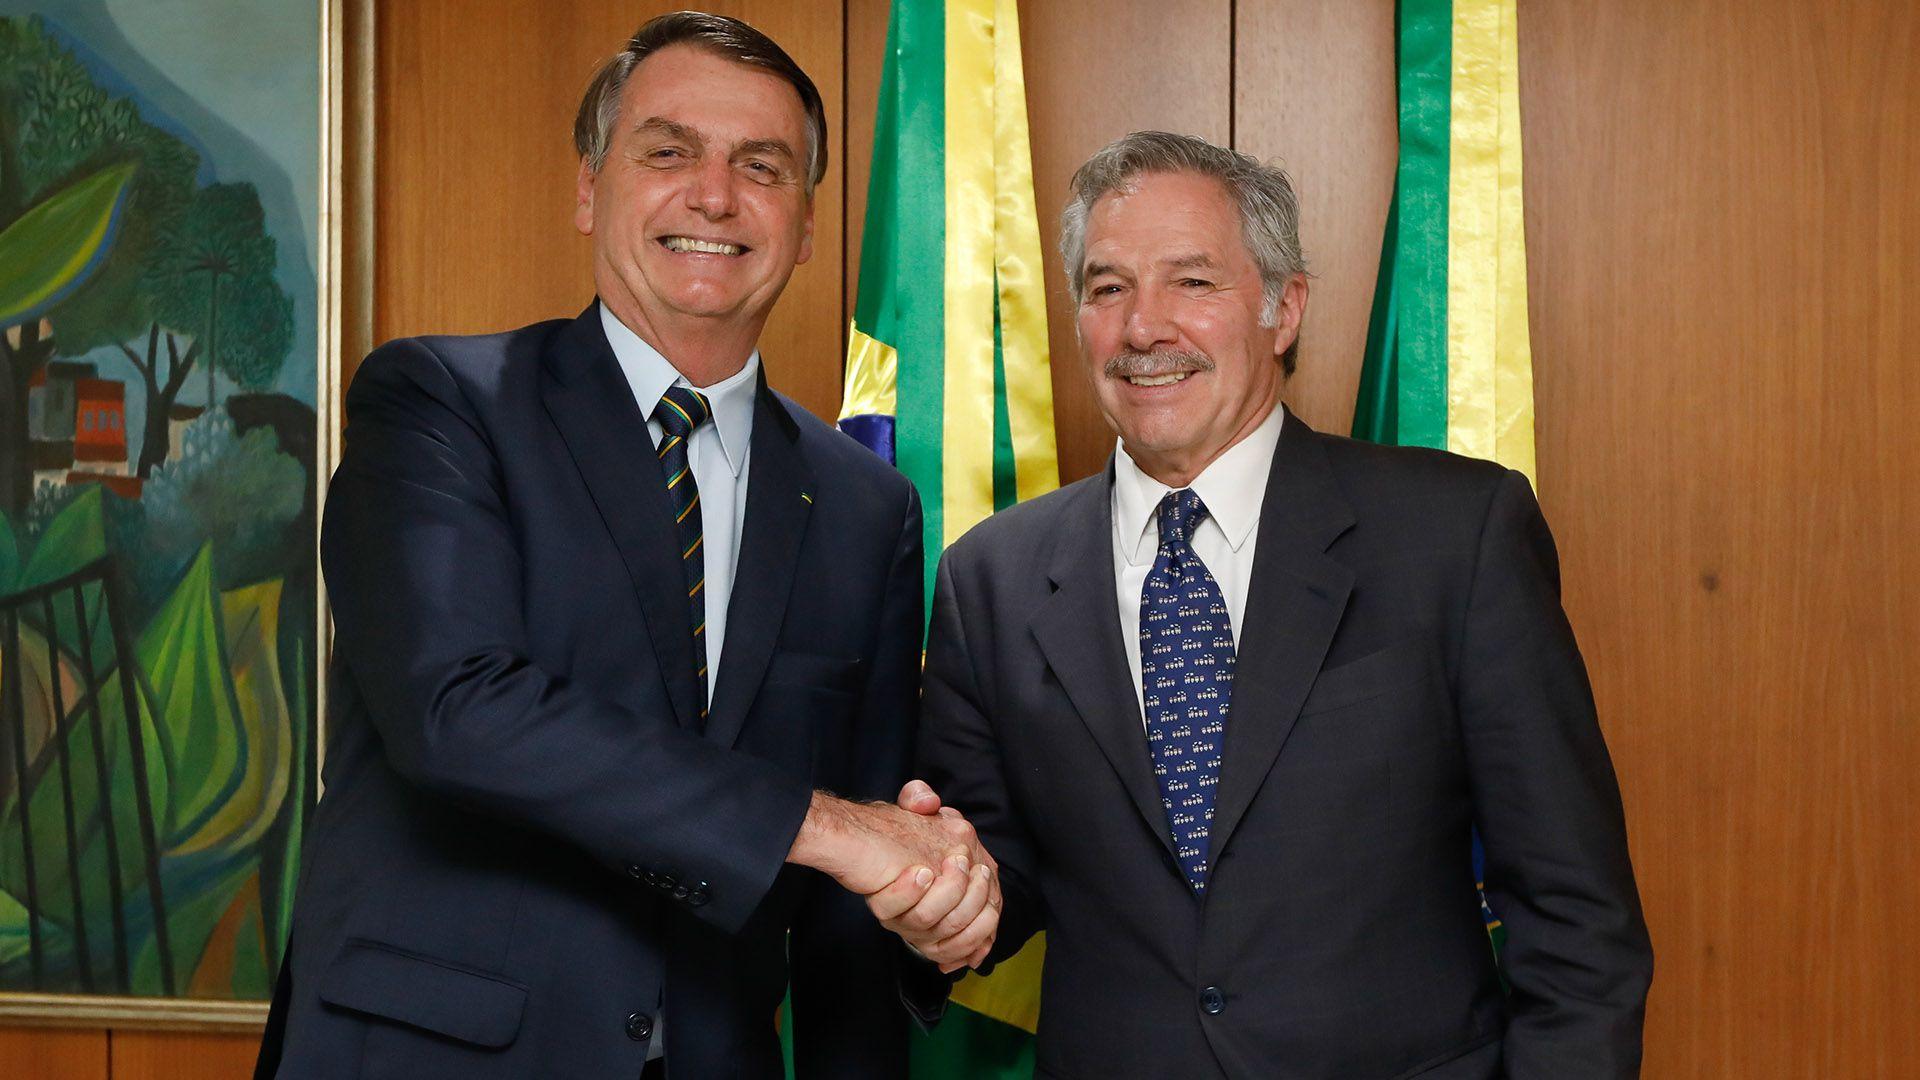 El presidente de Brasil, Jair Bolsonaro, durante la reunión con Felipe Solá, ministro de Relaciones Exteriores, Comercio Internacional y Culto de Argentina (Foto: Carolina Antunes / PR)